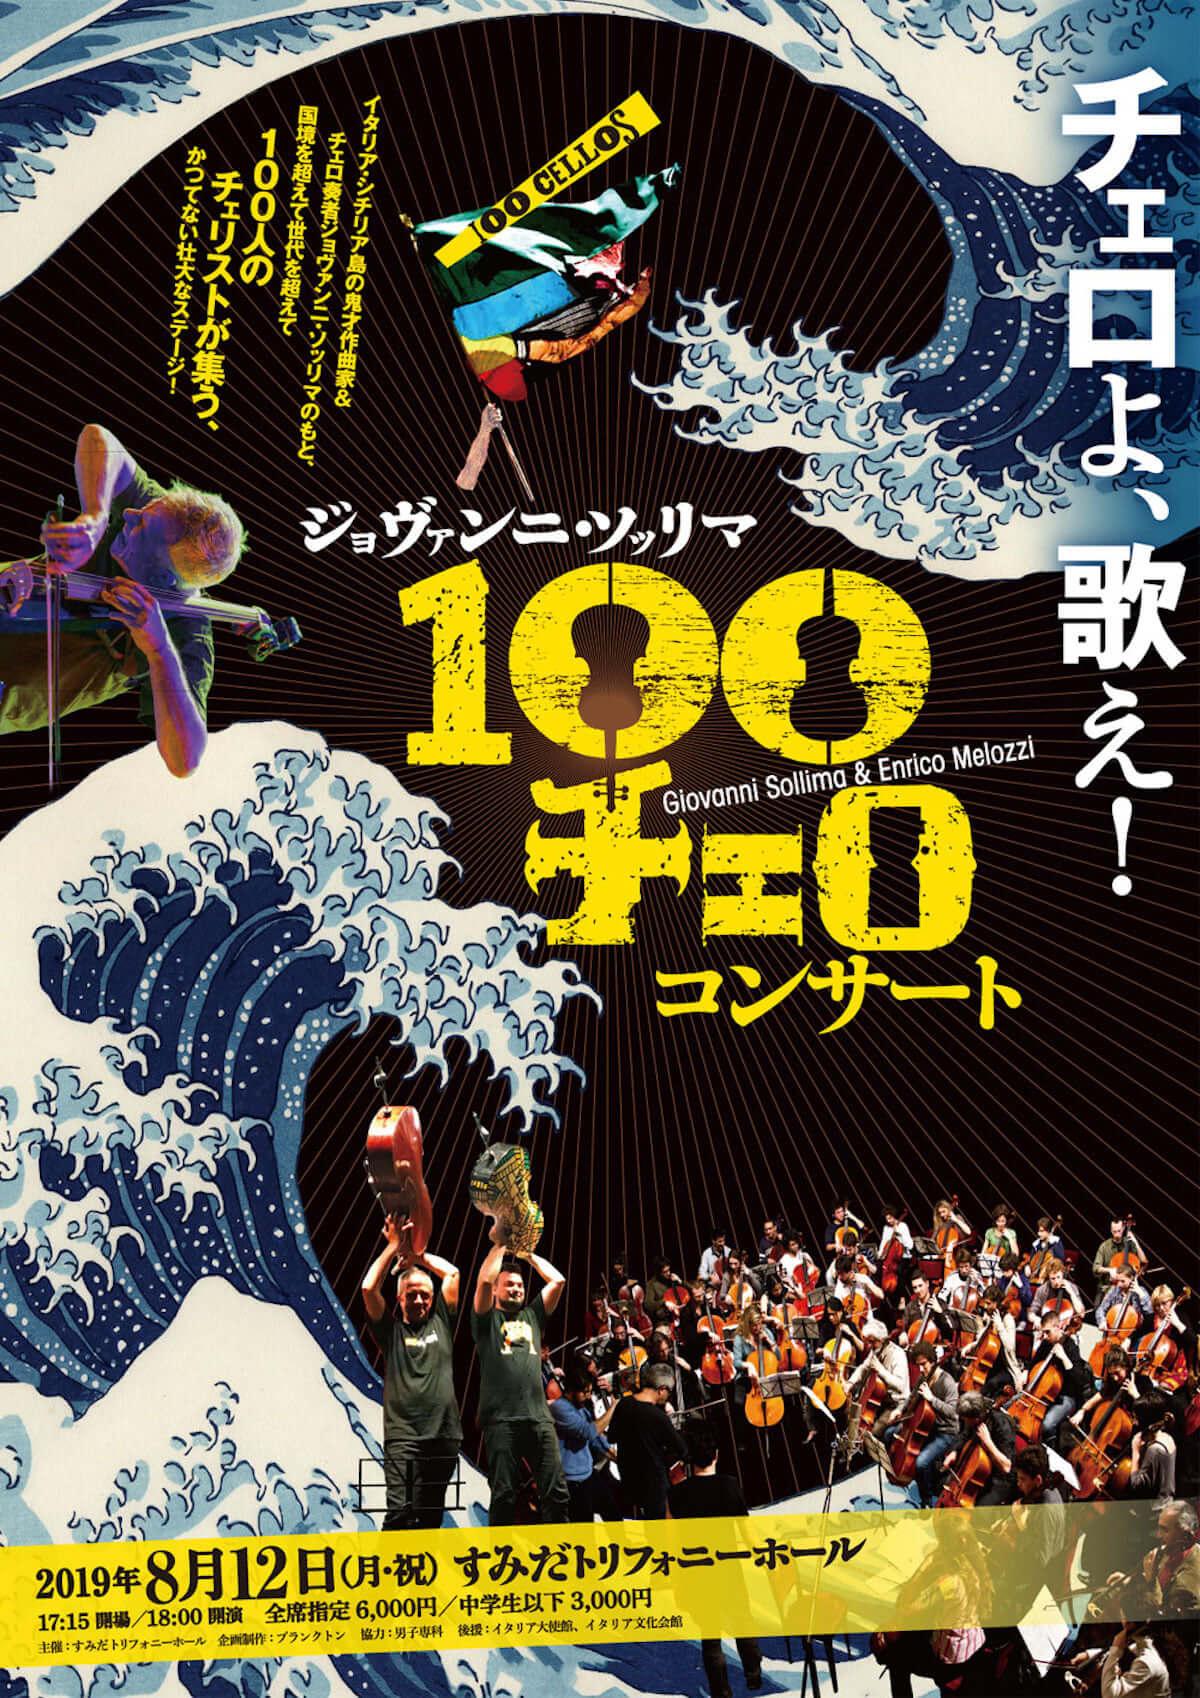 100本のチェロによる壮大なプロジェクト『100チェロ』日本上陸&参加チェリスト募集 music190110-cello-01-1200x1698